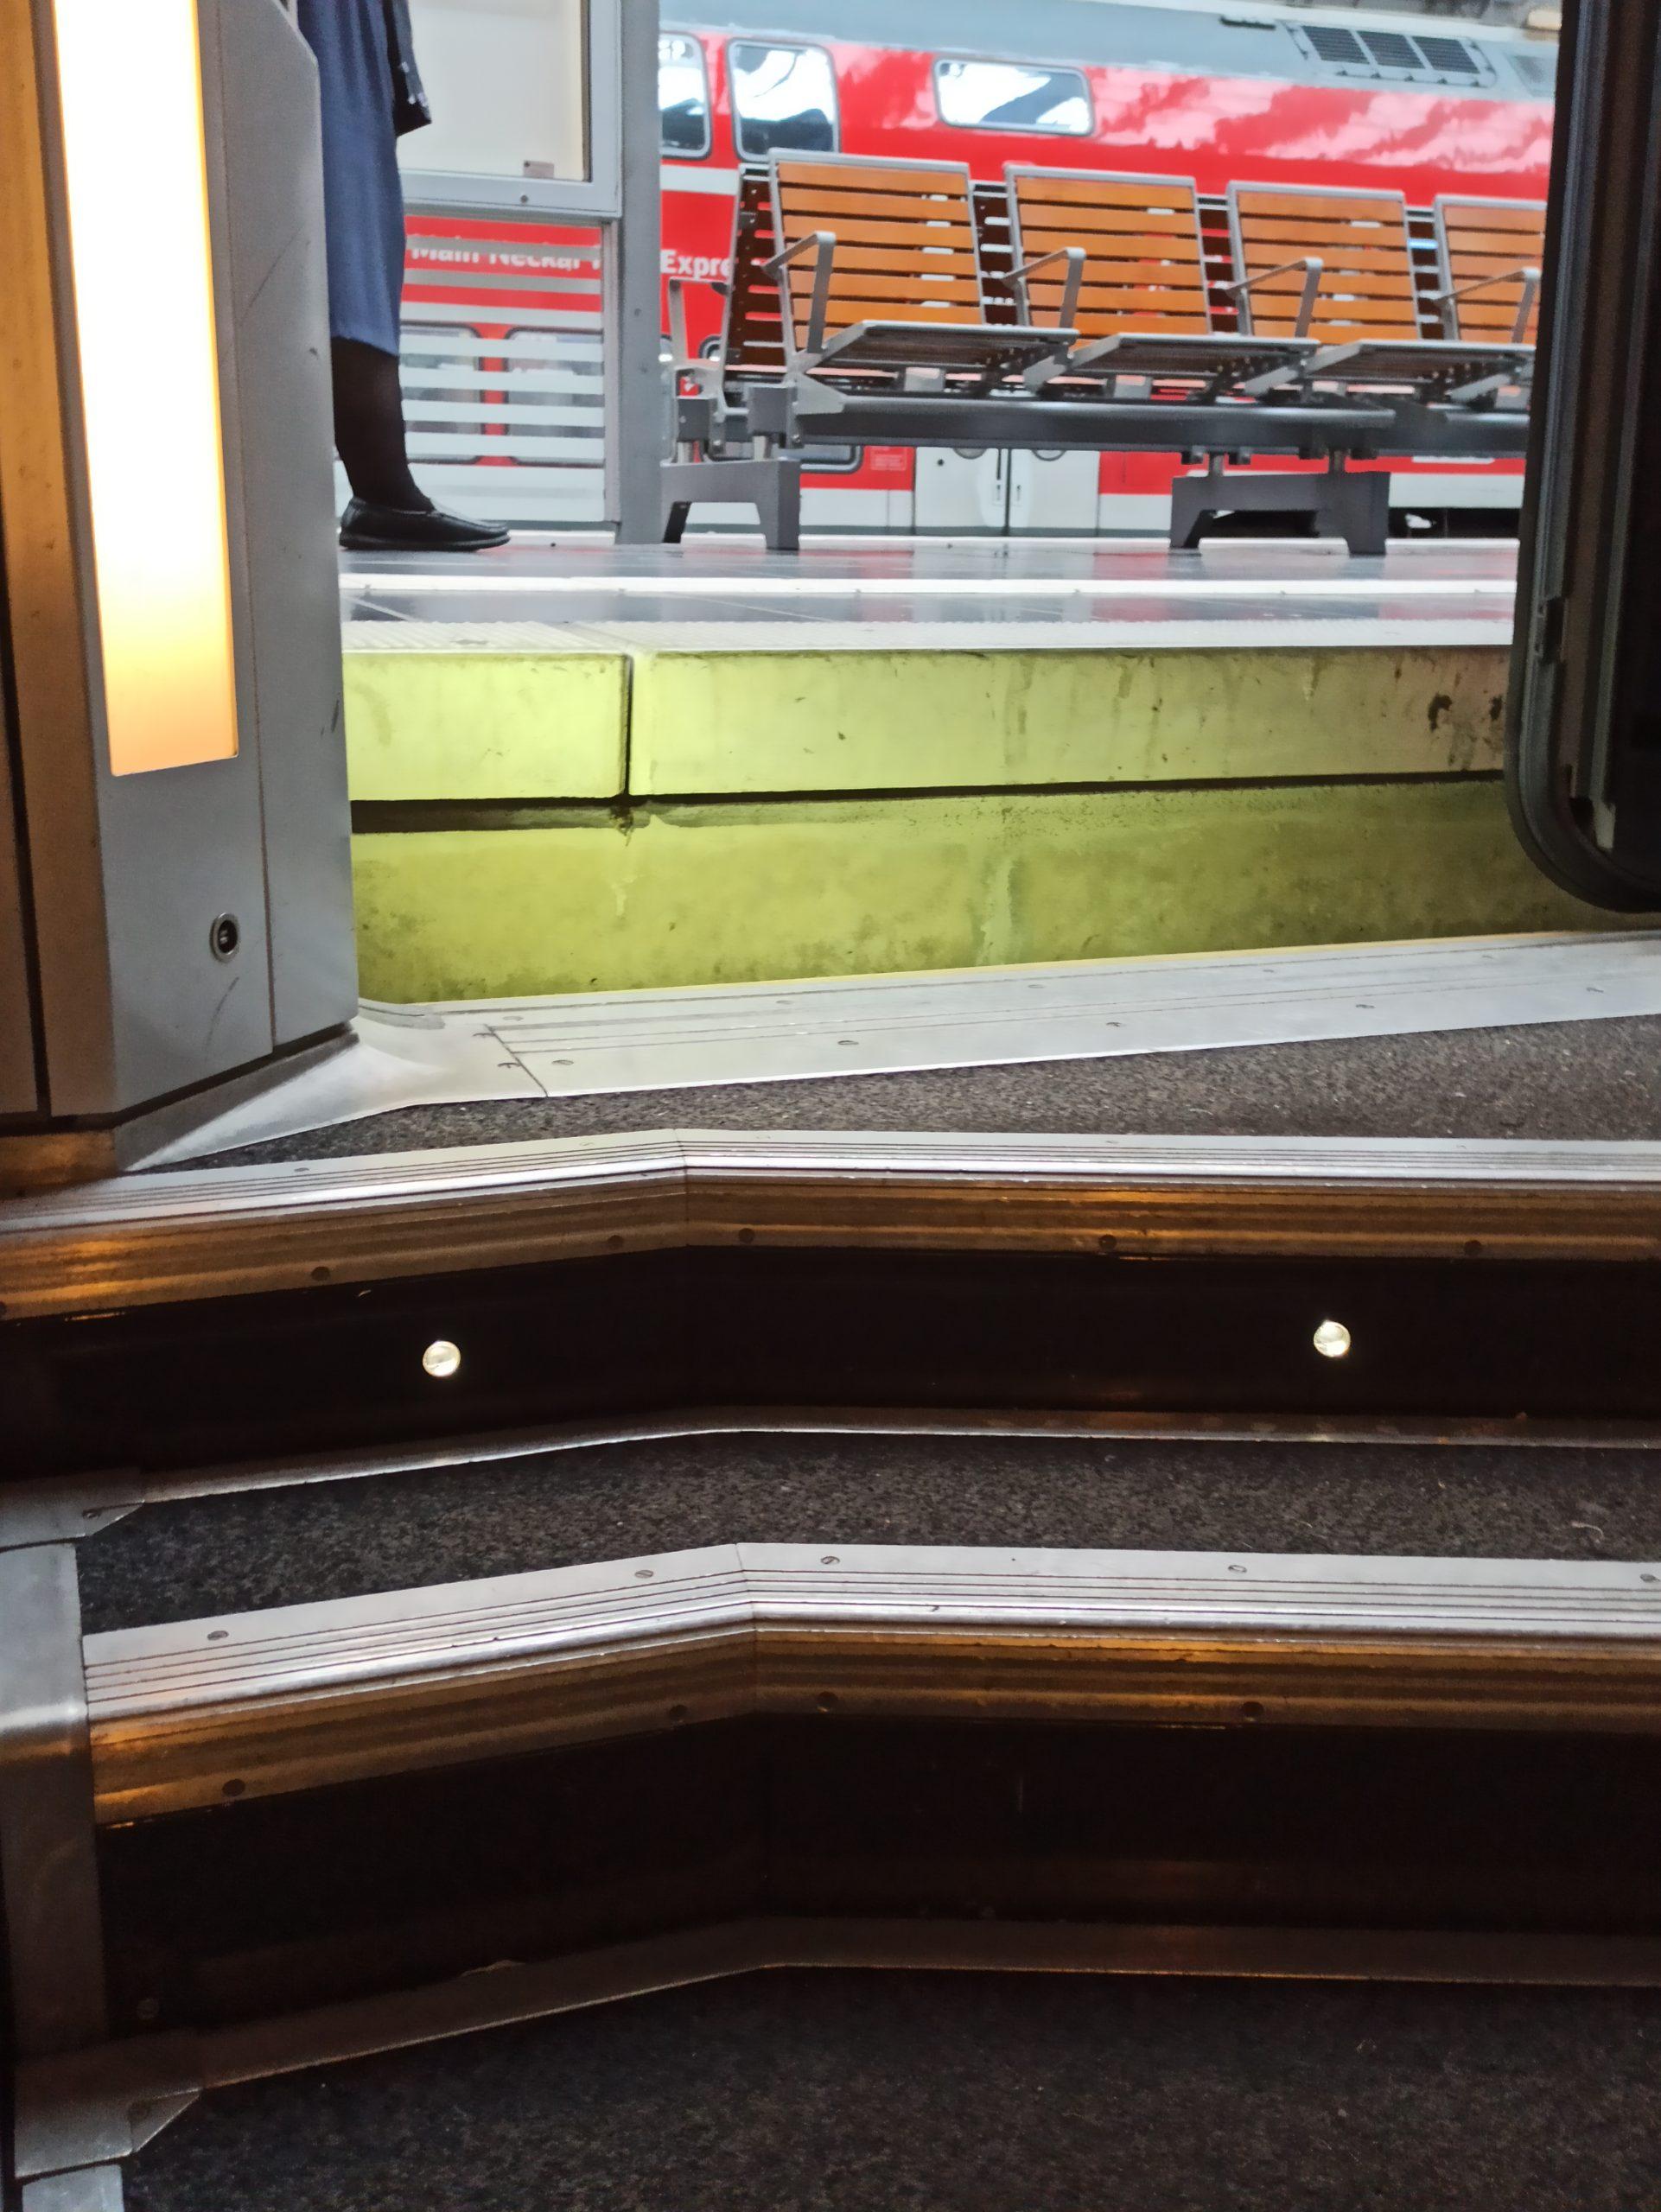 Blick aus dem TGV heraus auf eine typische 76er Plattform (viele Stufen sind zu sehen)